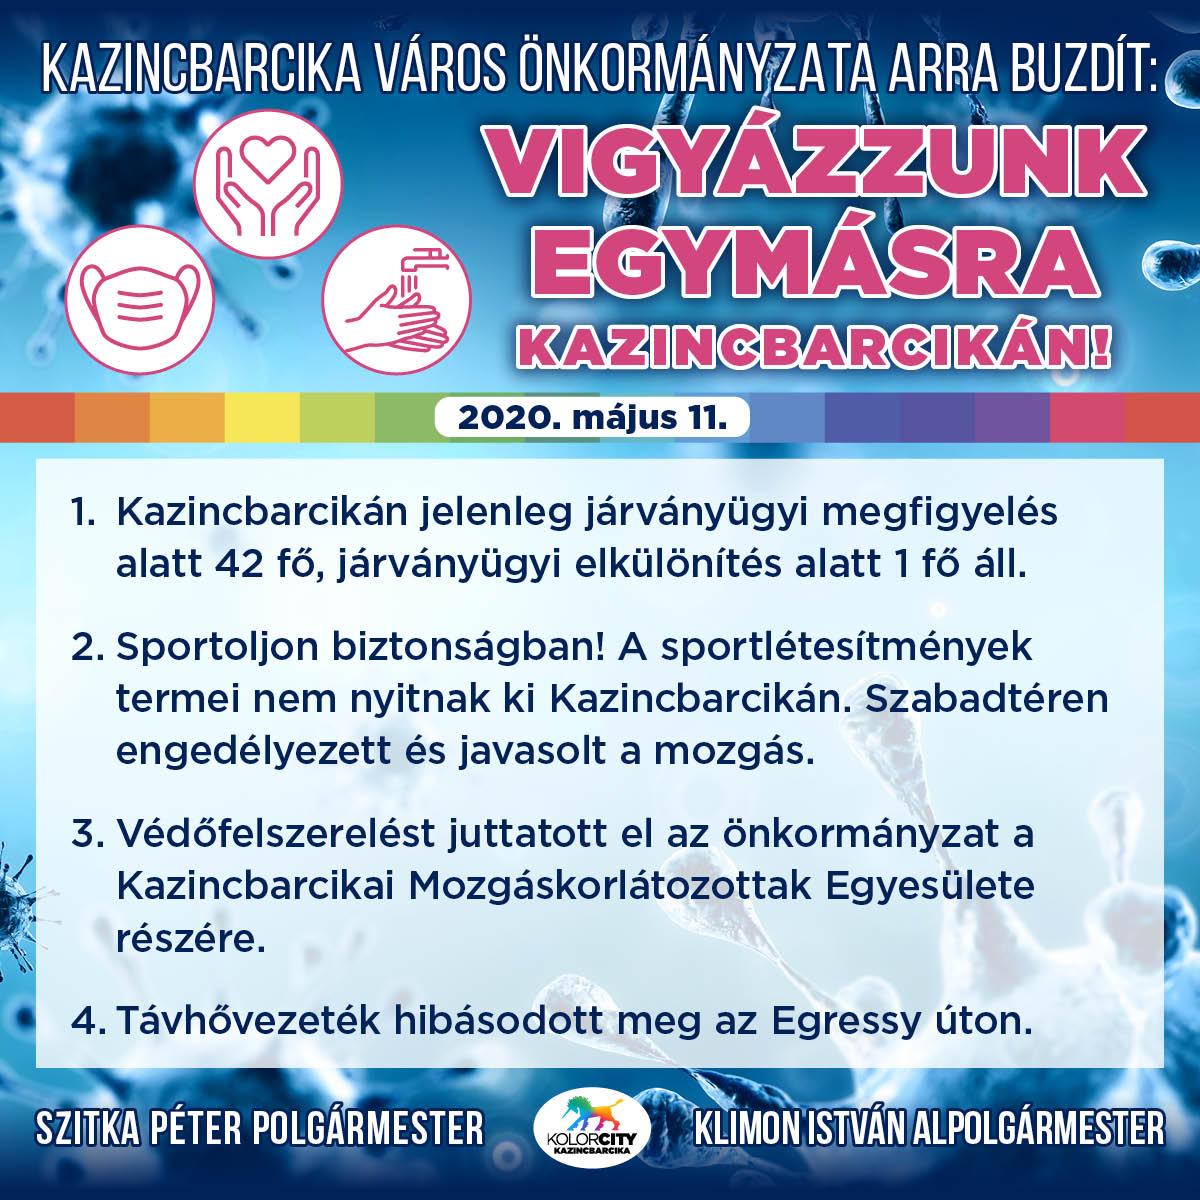 https://kolorline.hu/Kazincbarcika Város Önkormányzata arra buzdít: Vigyázzunk egymásra Kazincbarcikán! – 2020. május 11.